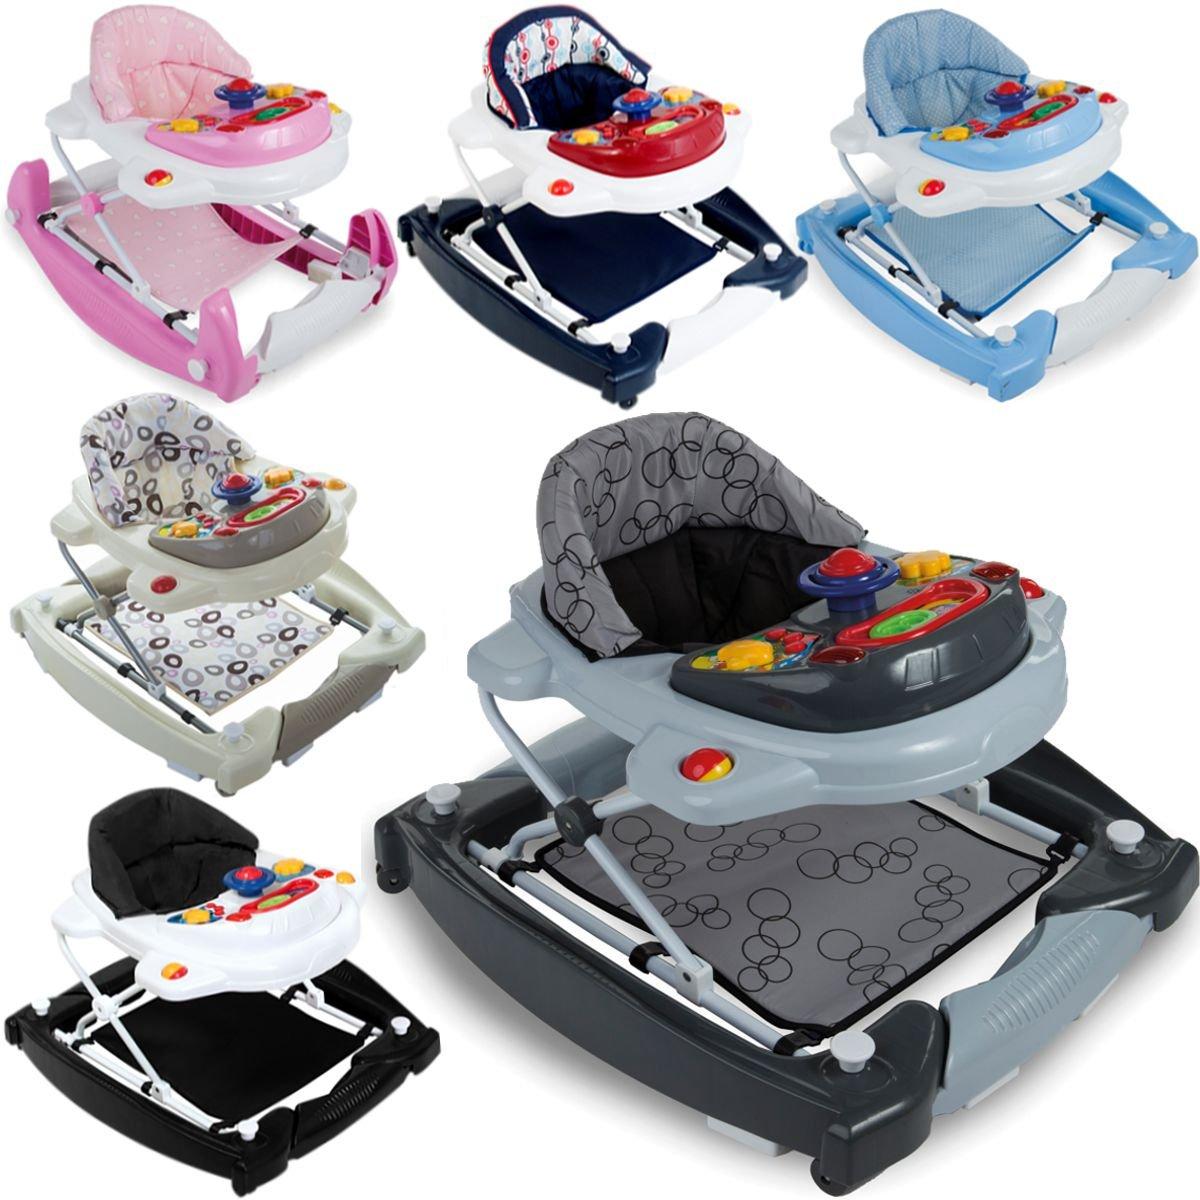 2IN1 Lauflernhilfe / Babyschaukel mit Spielcenter (12 Melodien) und Einlage (PINK) Stimo24